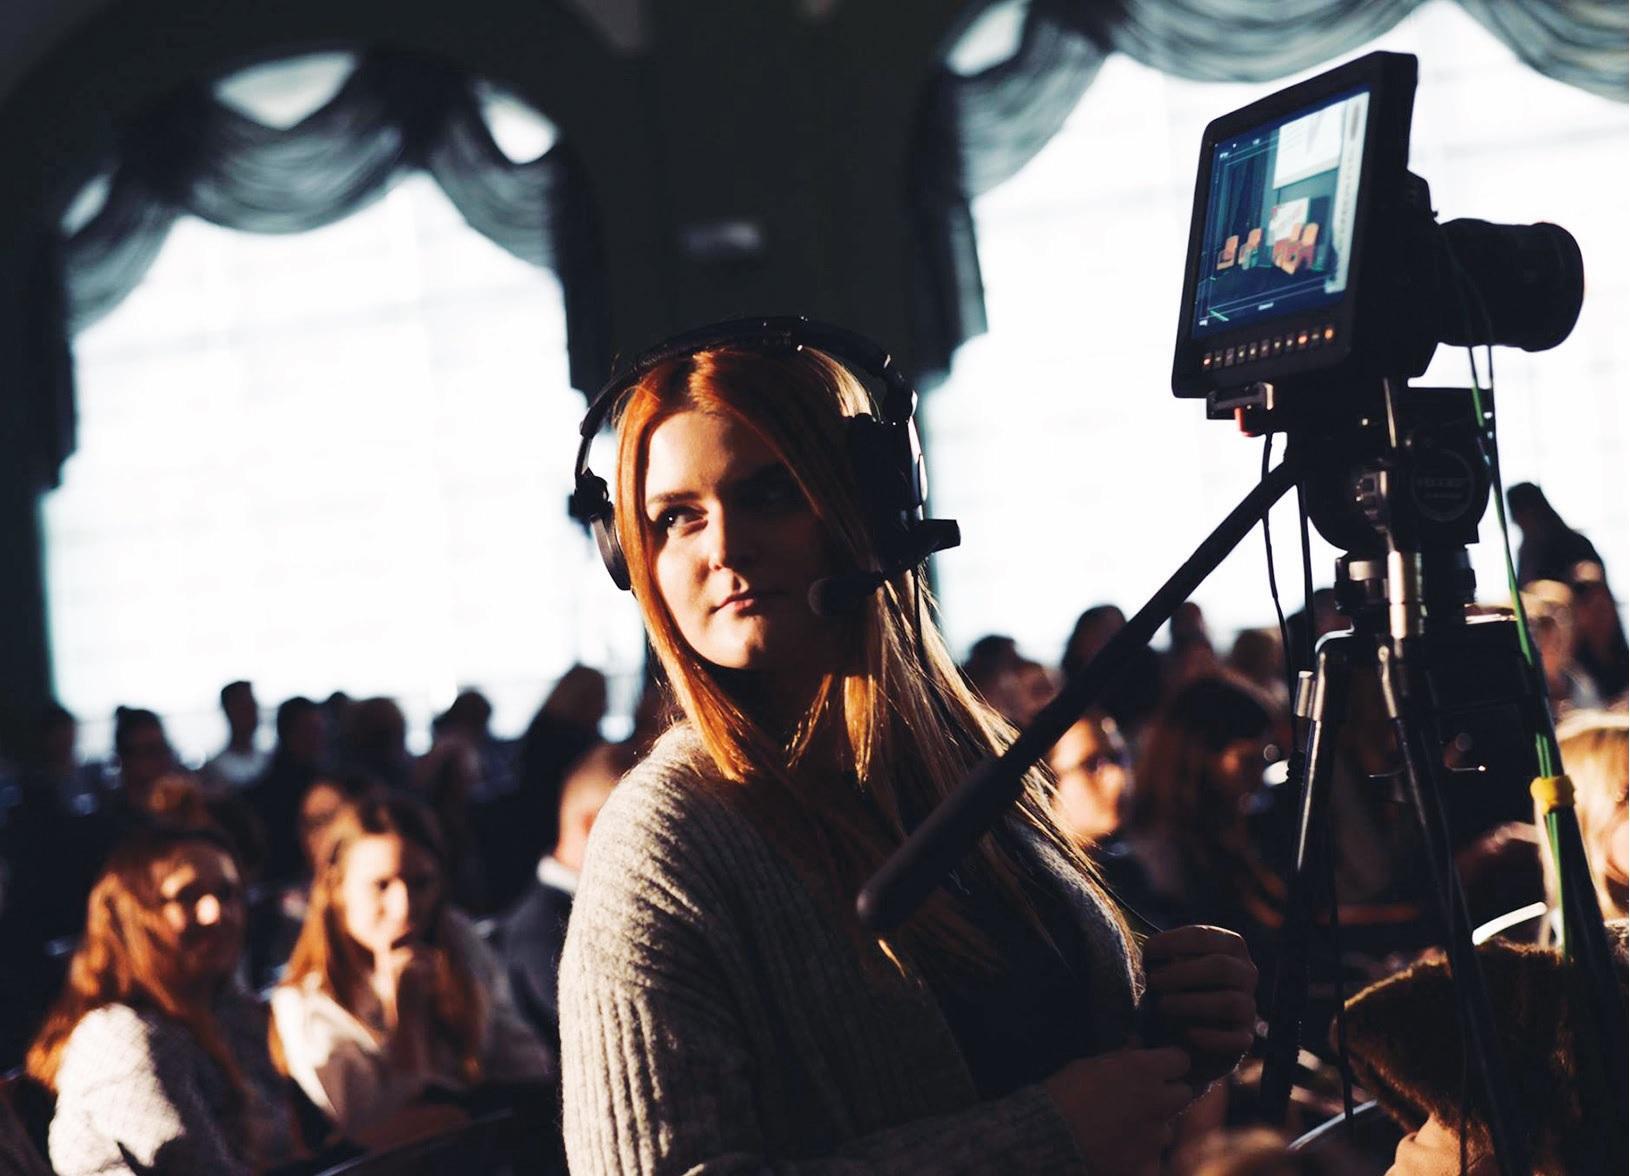 """""""Man įdomi ne tik kamera. Įdomus visas procesas, tiek prieš paspaudžiant įrašymo mygtuką, tiek jau filmuojant"""", – sako pašnekovė./ Asmeninio archyvo nuotr."""